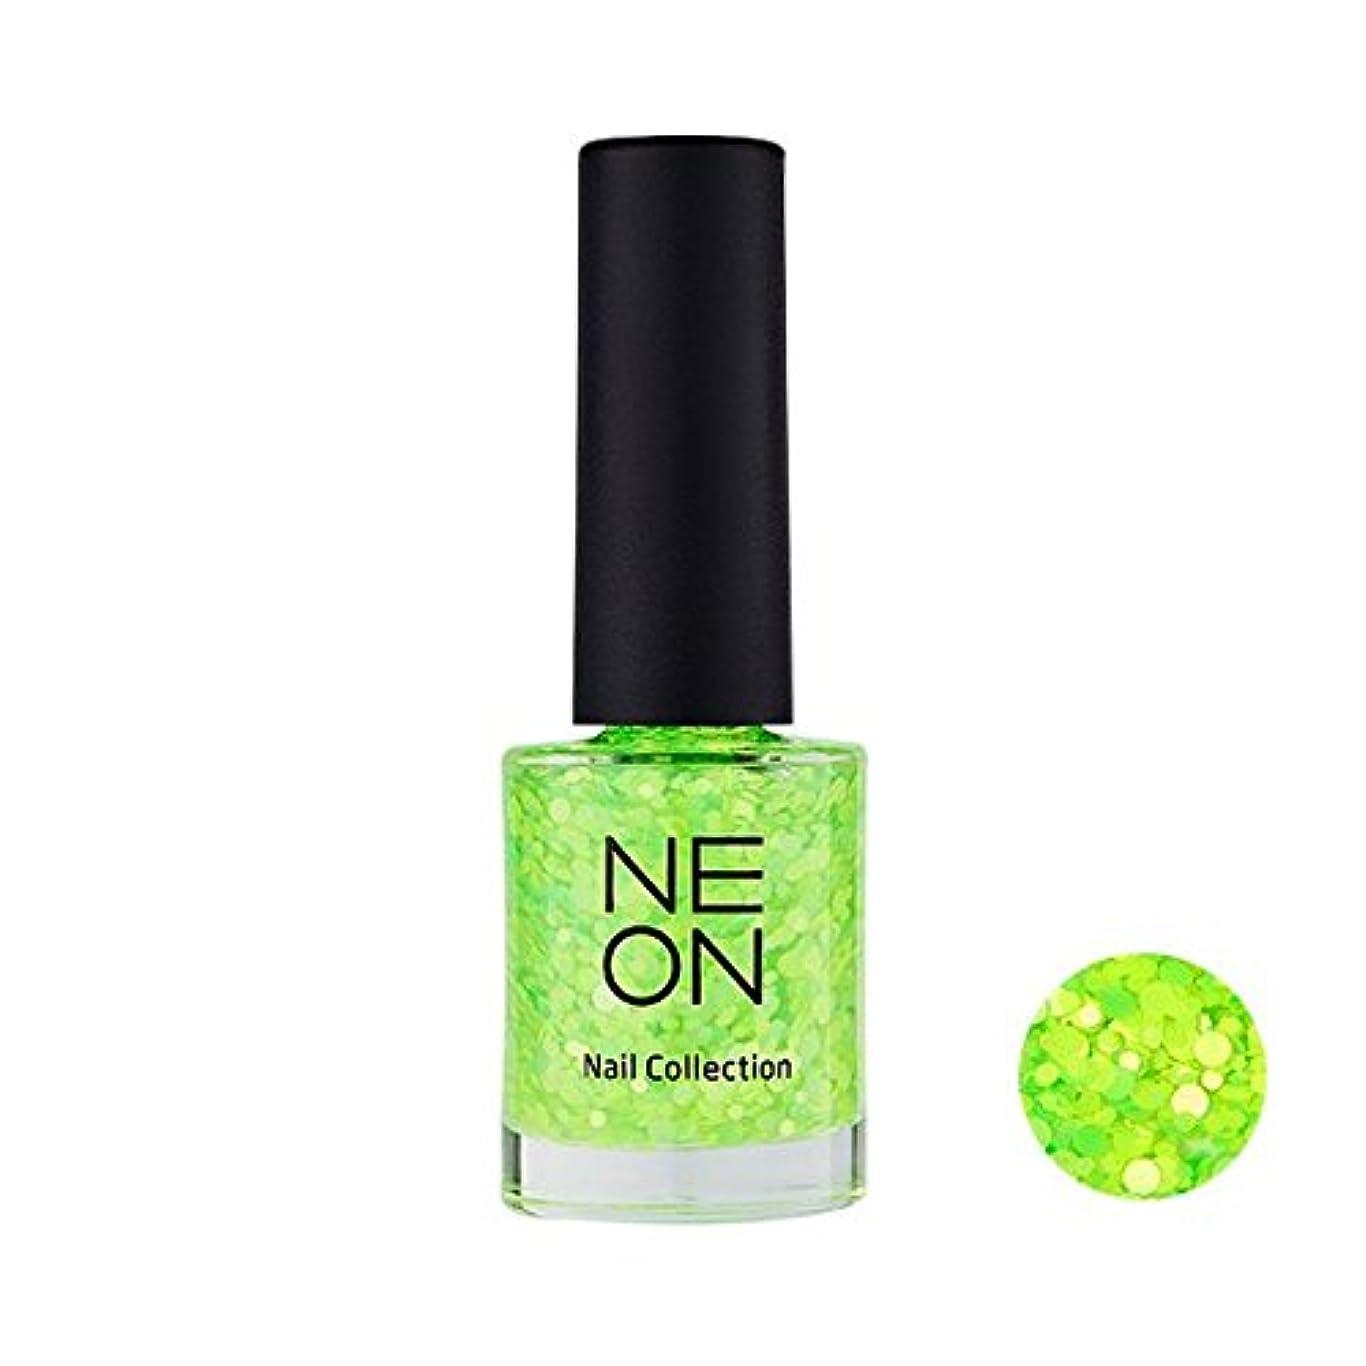 フィラデルフィア促す部It'S SKIN Neon nail collection [04 Neon Glitter green] イッツスキン ネオンネイルコレクション [04 ネオン グリッター グリーン] [並行輸入品]